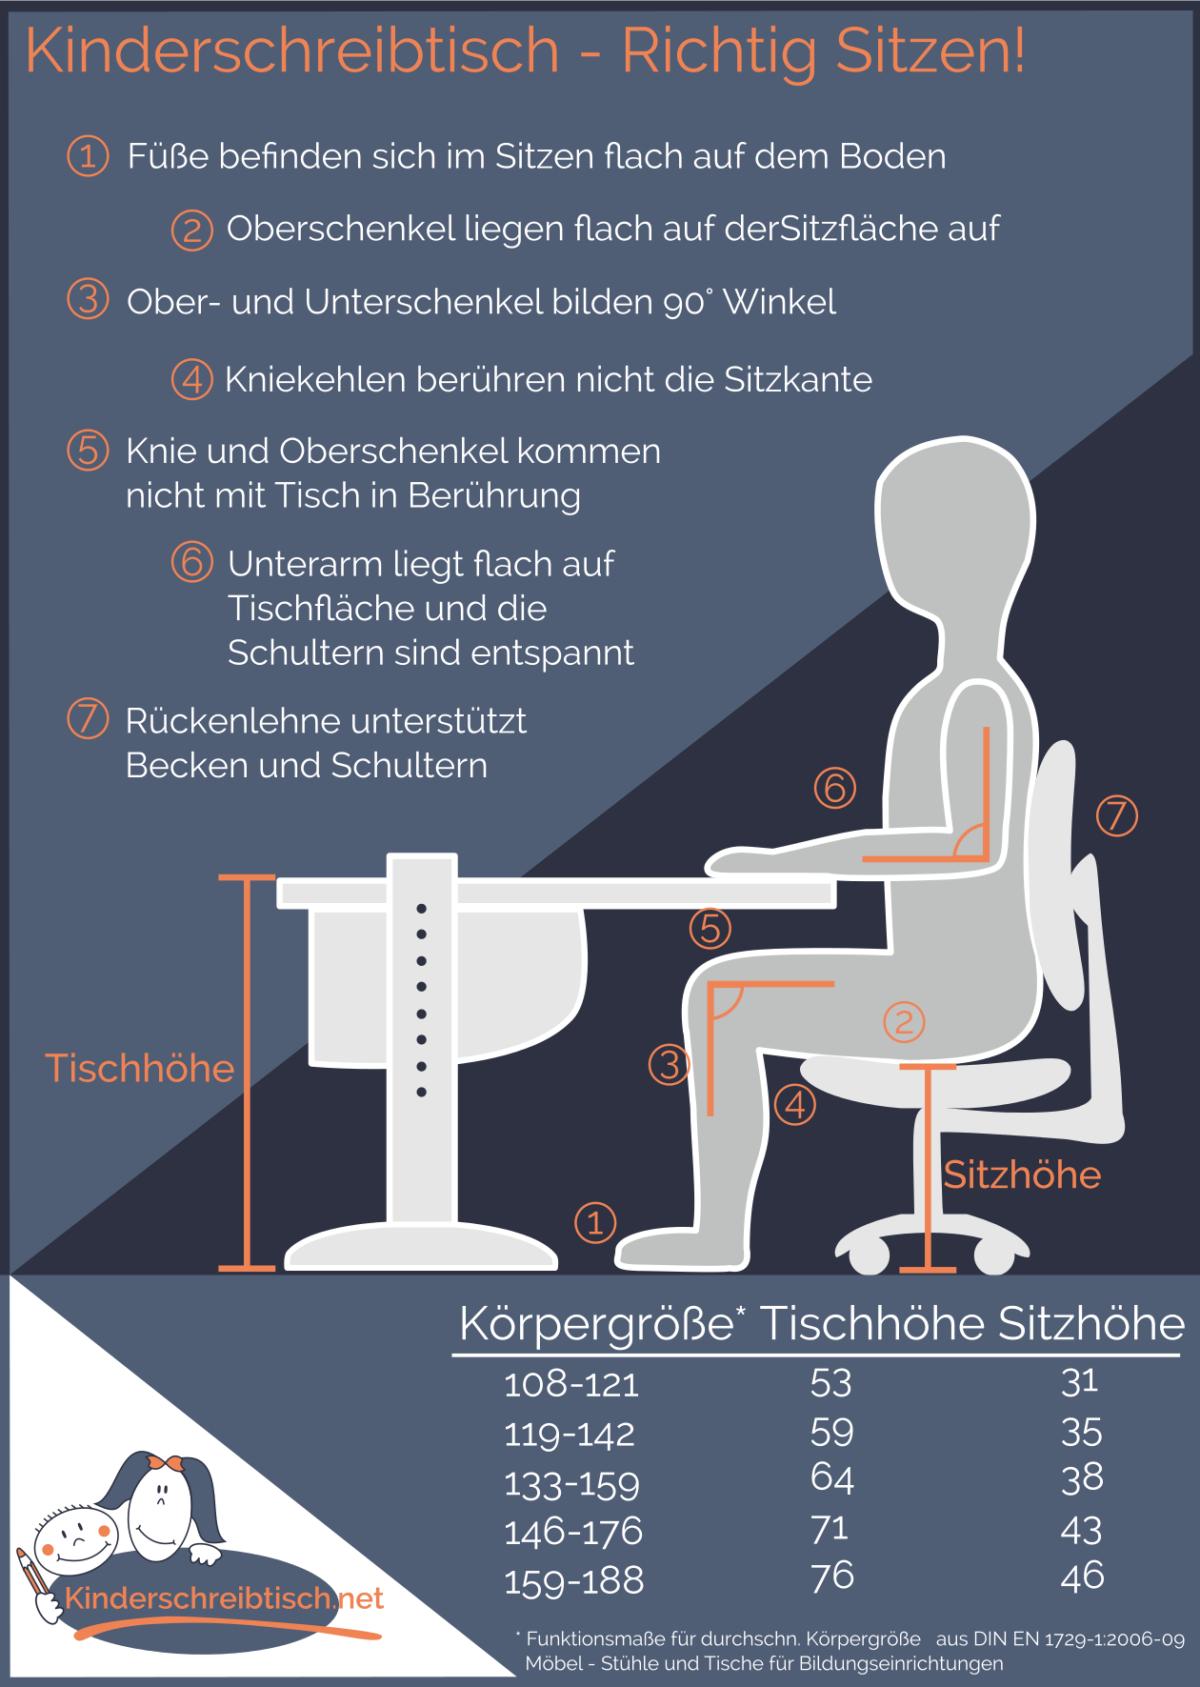 Richtig Sitzen Am Kinderschreibtisch Korrekte Sitzposition Fürs